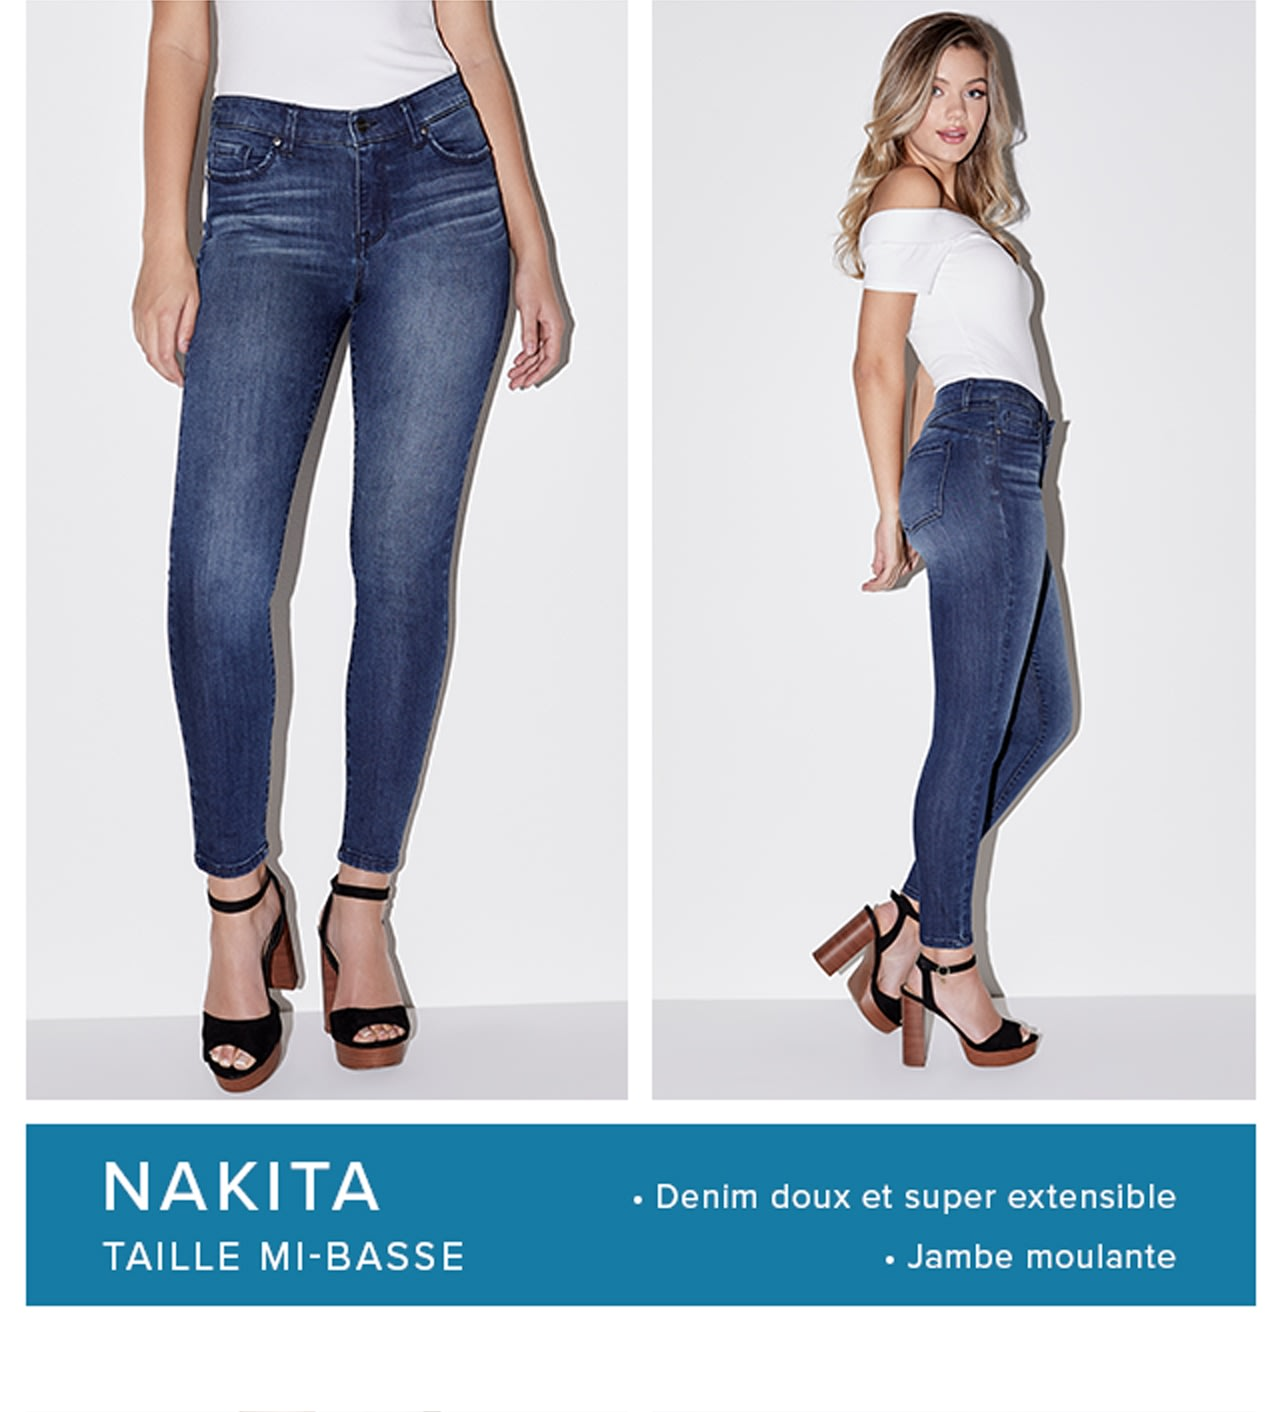 Nakita